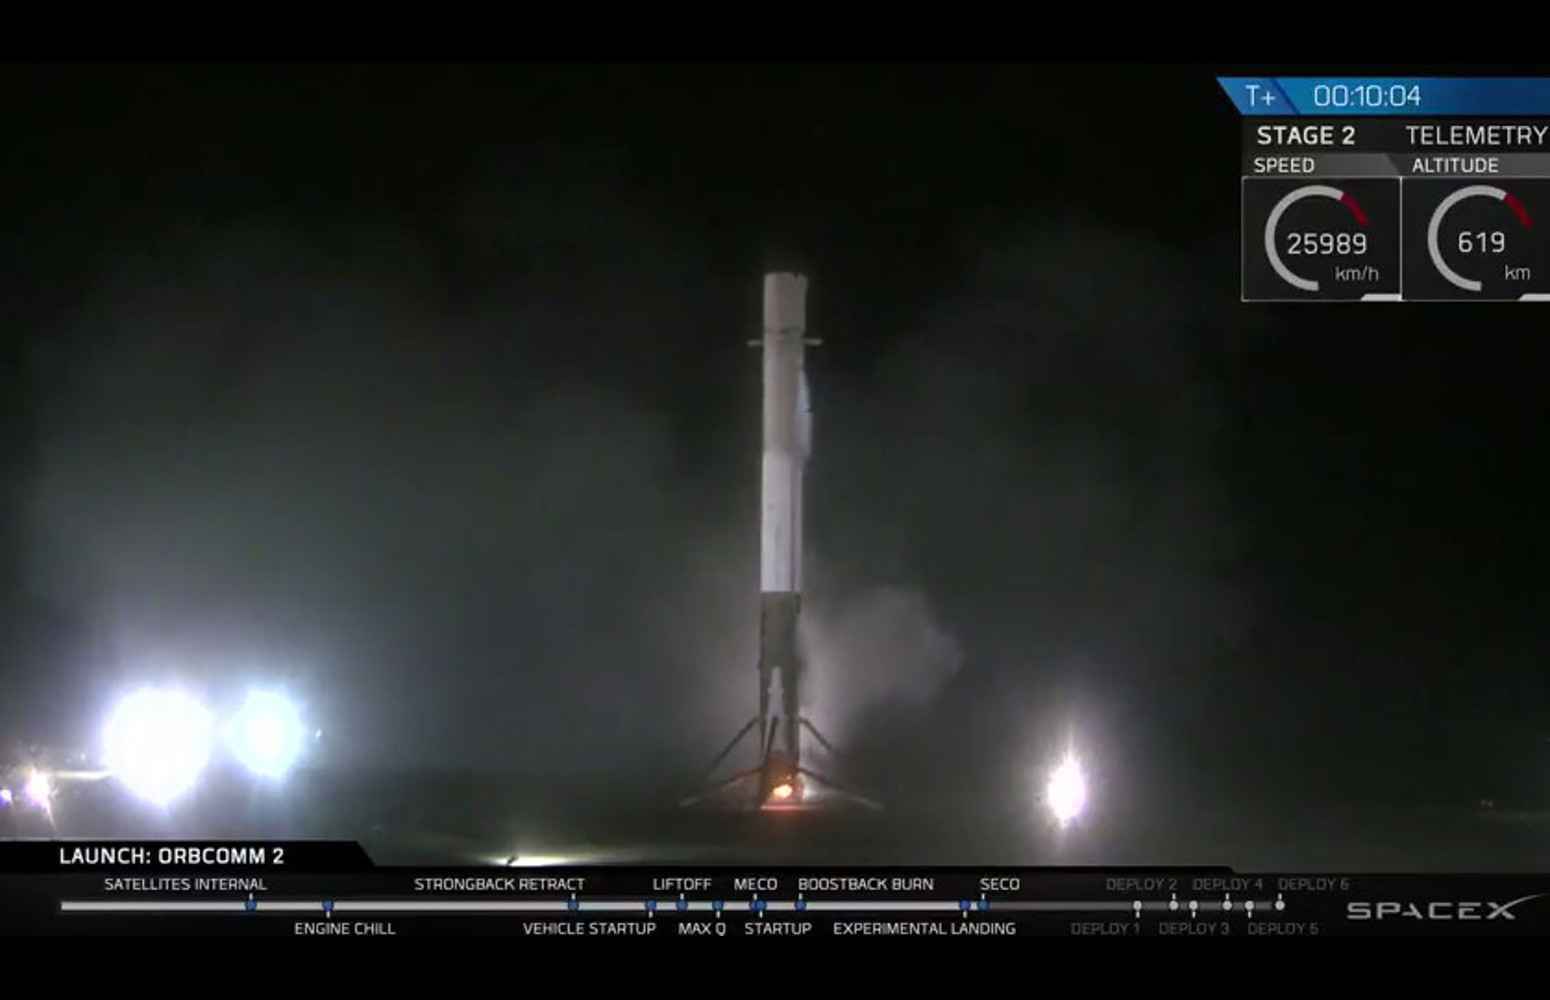 SpaceX - Falcon 9 - Atterrissage réussi du premier étage - 22 décembre 2015 - Orbcomm-2